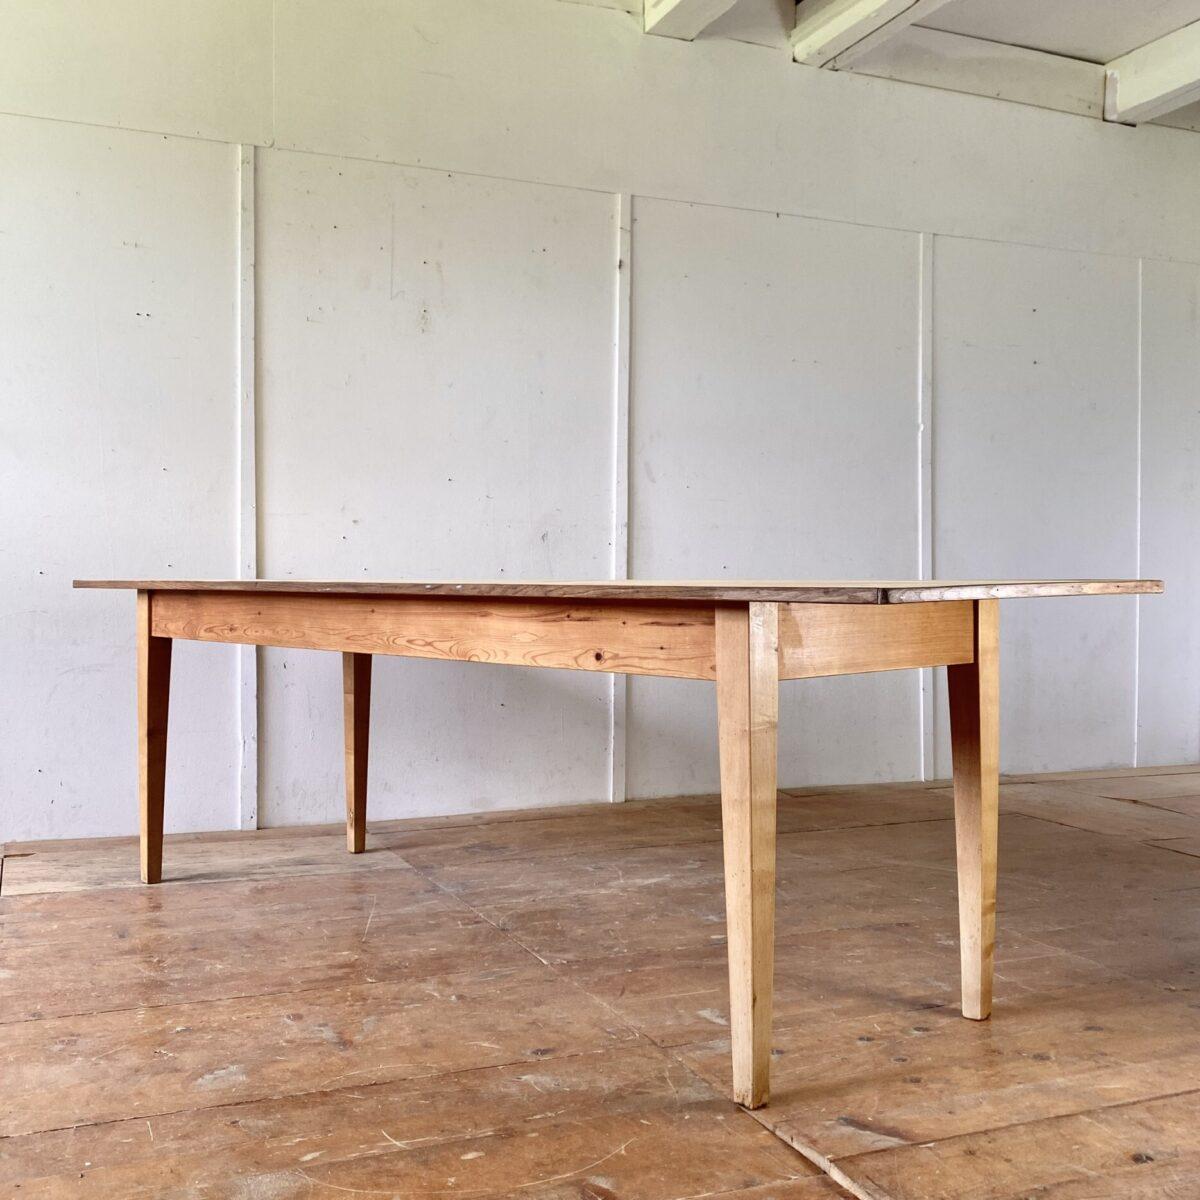 Deuxieme.shop Bidermeier Langer Tannenholztisch. 252x76.5cm Höhe 75cm. Das Tischblatt ist aus Tanne Vollholz, mit feiner Eichenholz Umrandung. Alterspatina, Gebrauchsspuren und Wurmlöcher. Die Tischbeine sind aus Ahorn. Die Holzoberflächen sind mit Naturöl behandelt. Der Tisch bietet Platz für 10 Personen.